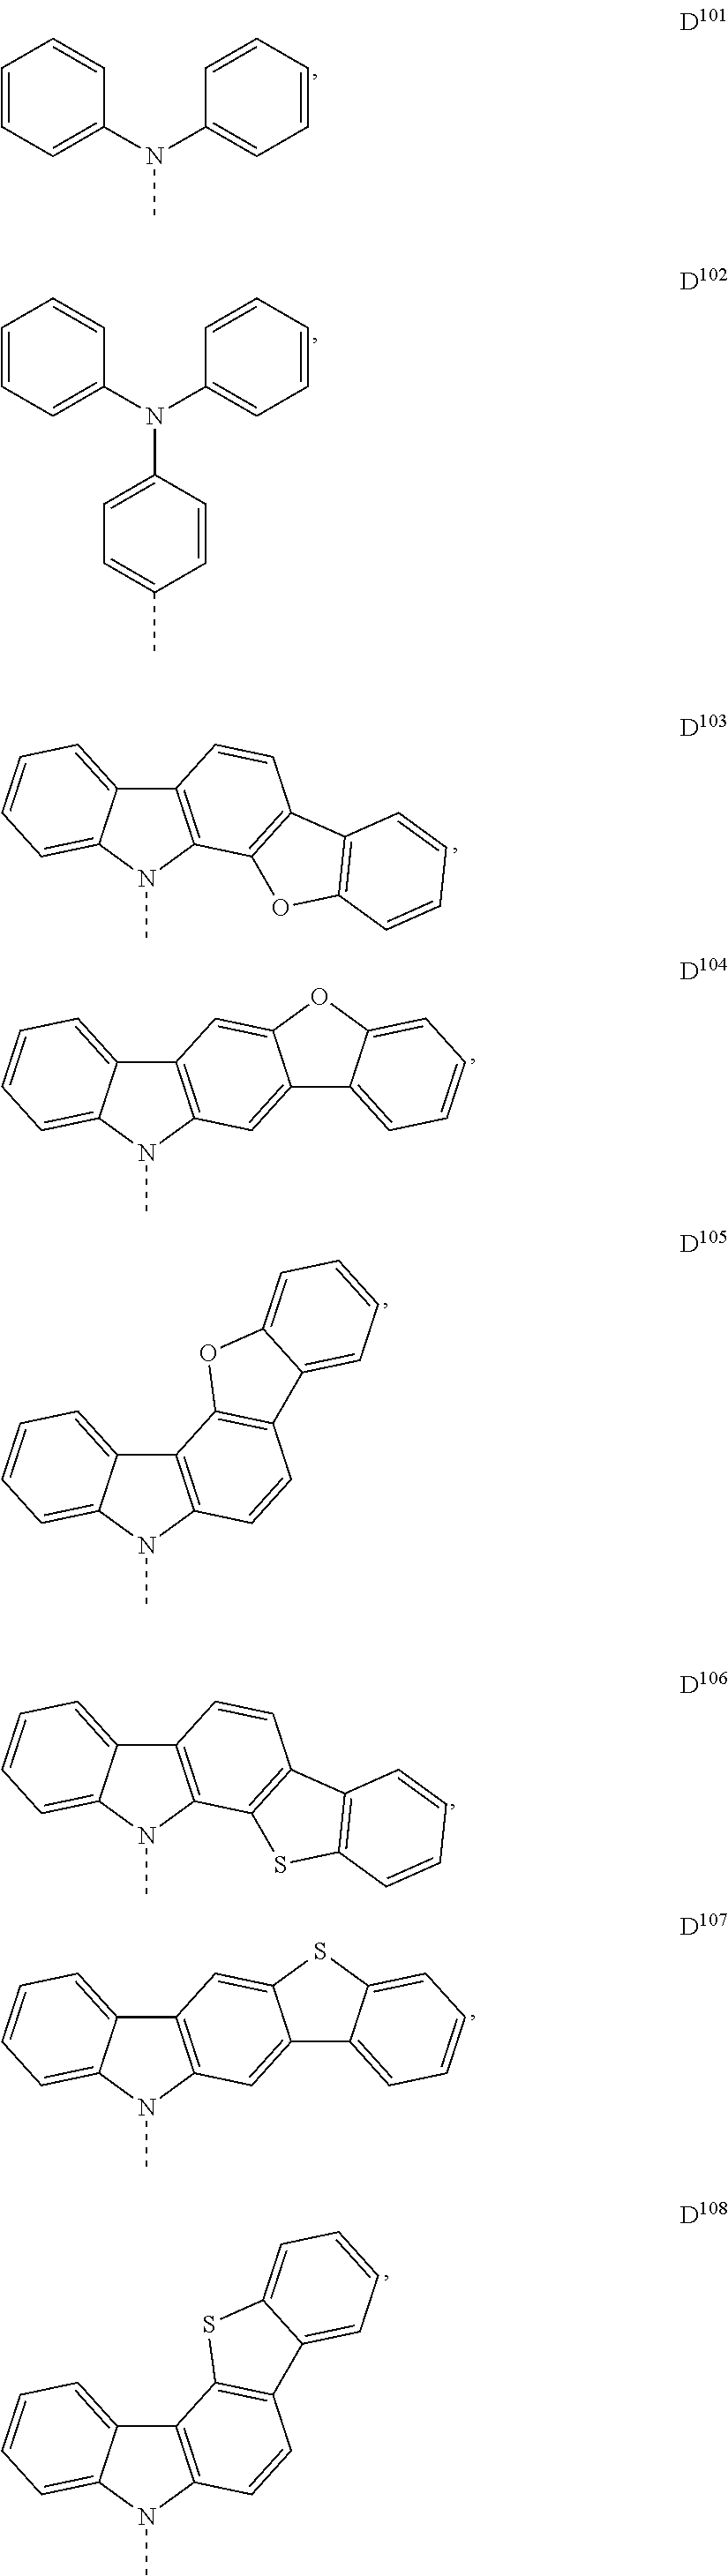 Figure US09209411-20151208-C00012